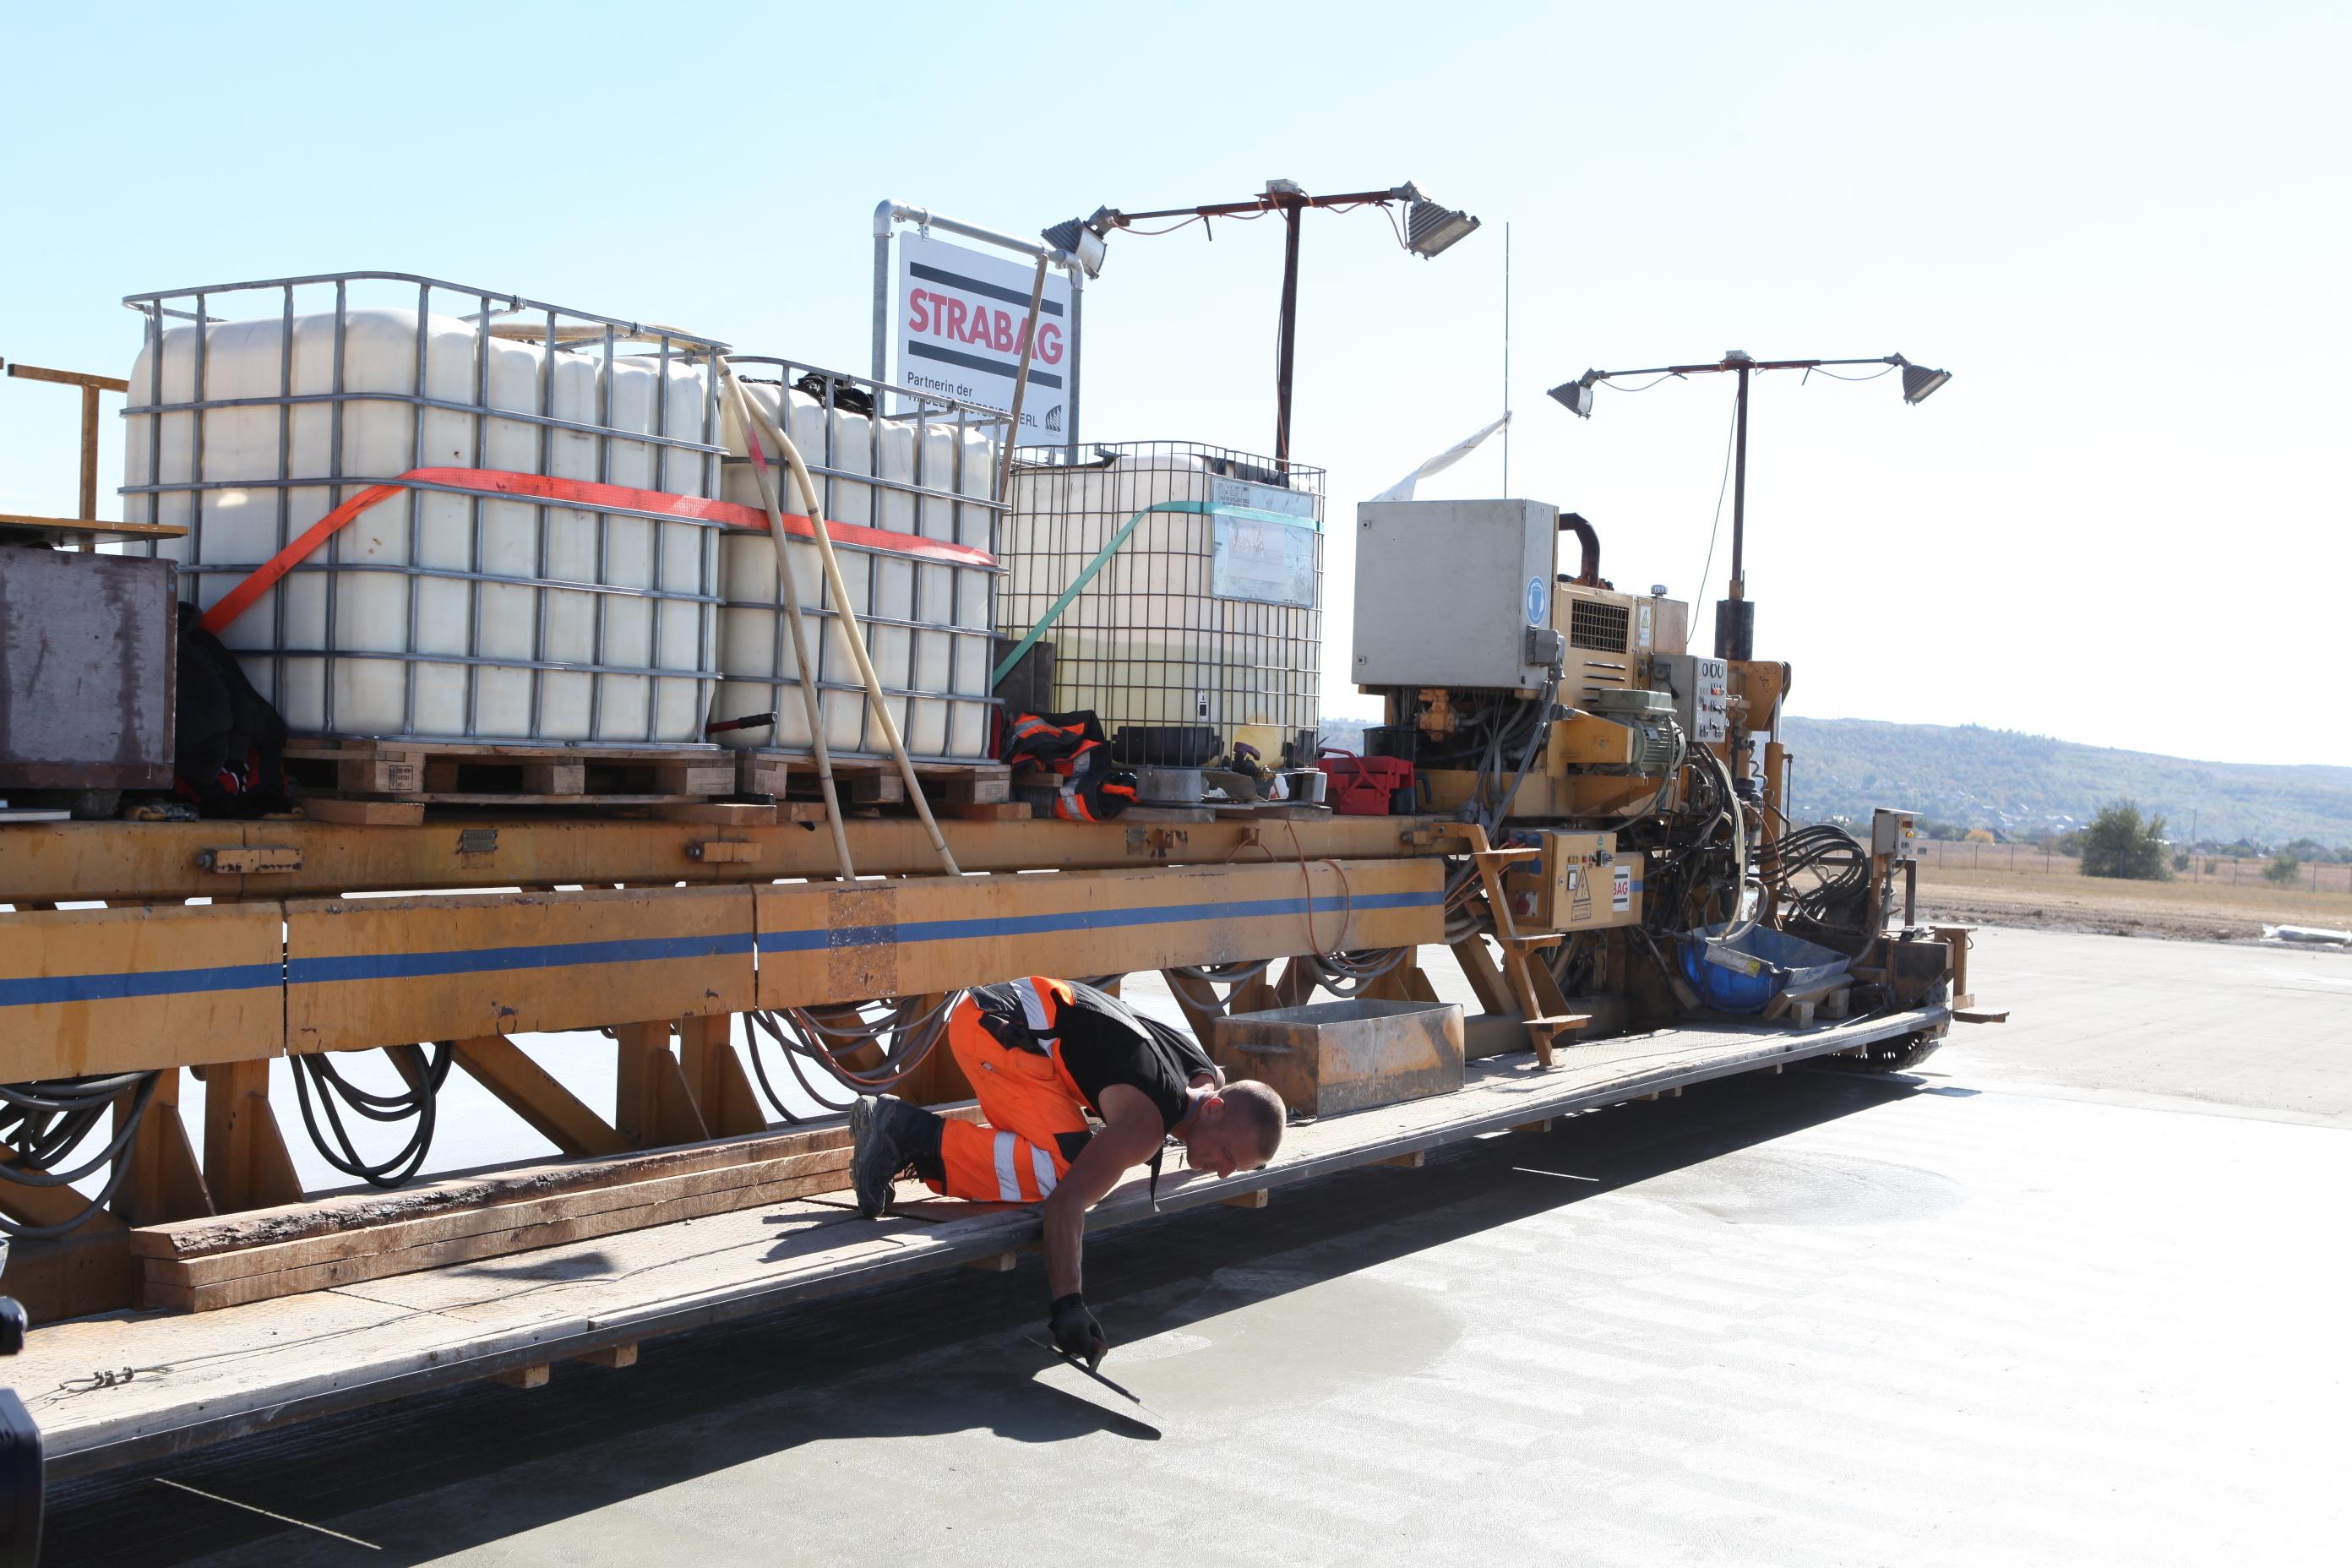 Работы по реконструкции взлетно-посадочной полосы на сегменте в 1 км находятся на этапе завершения.